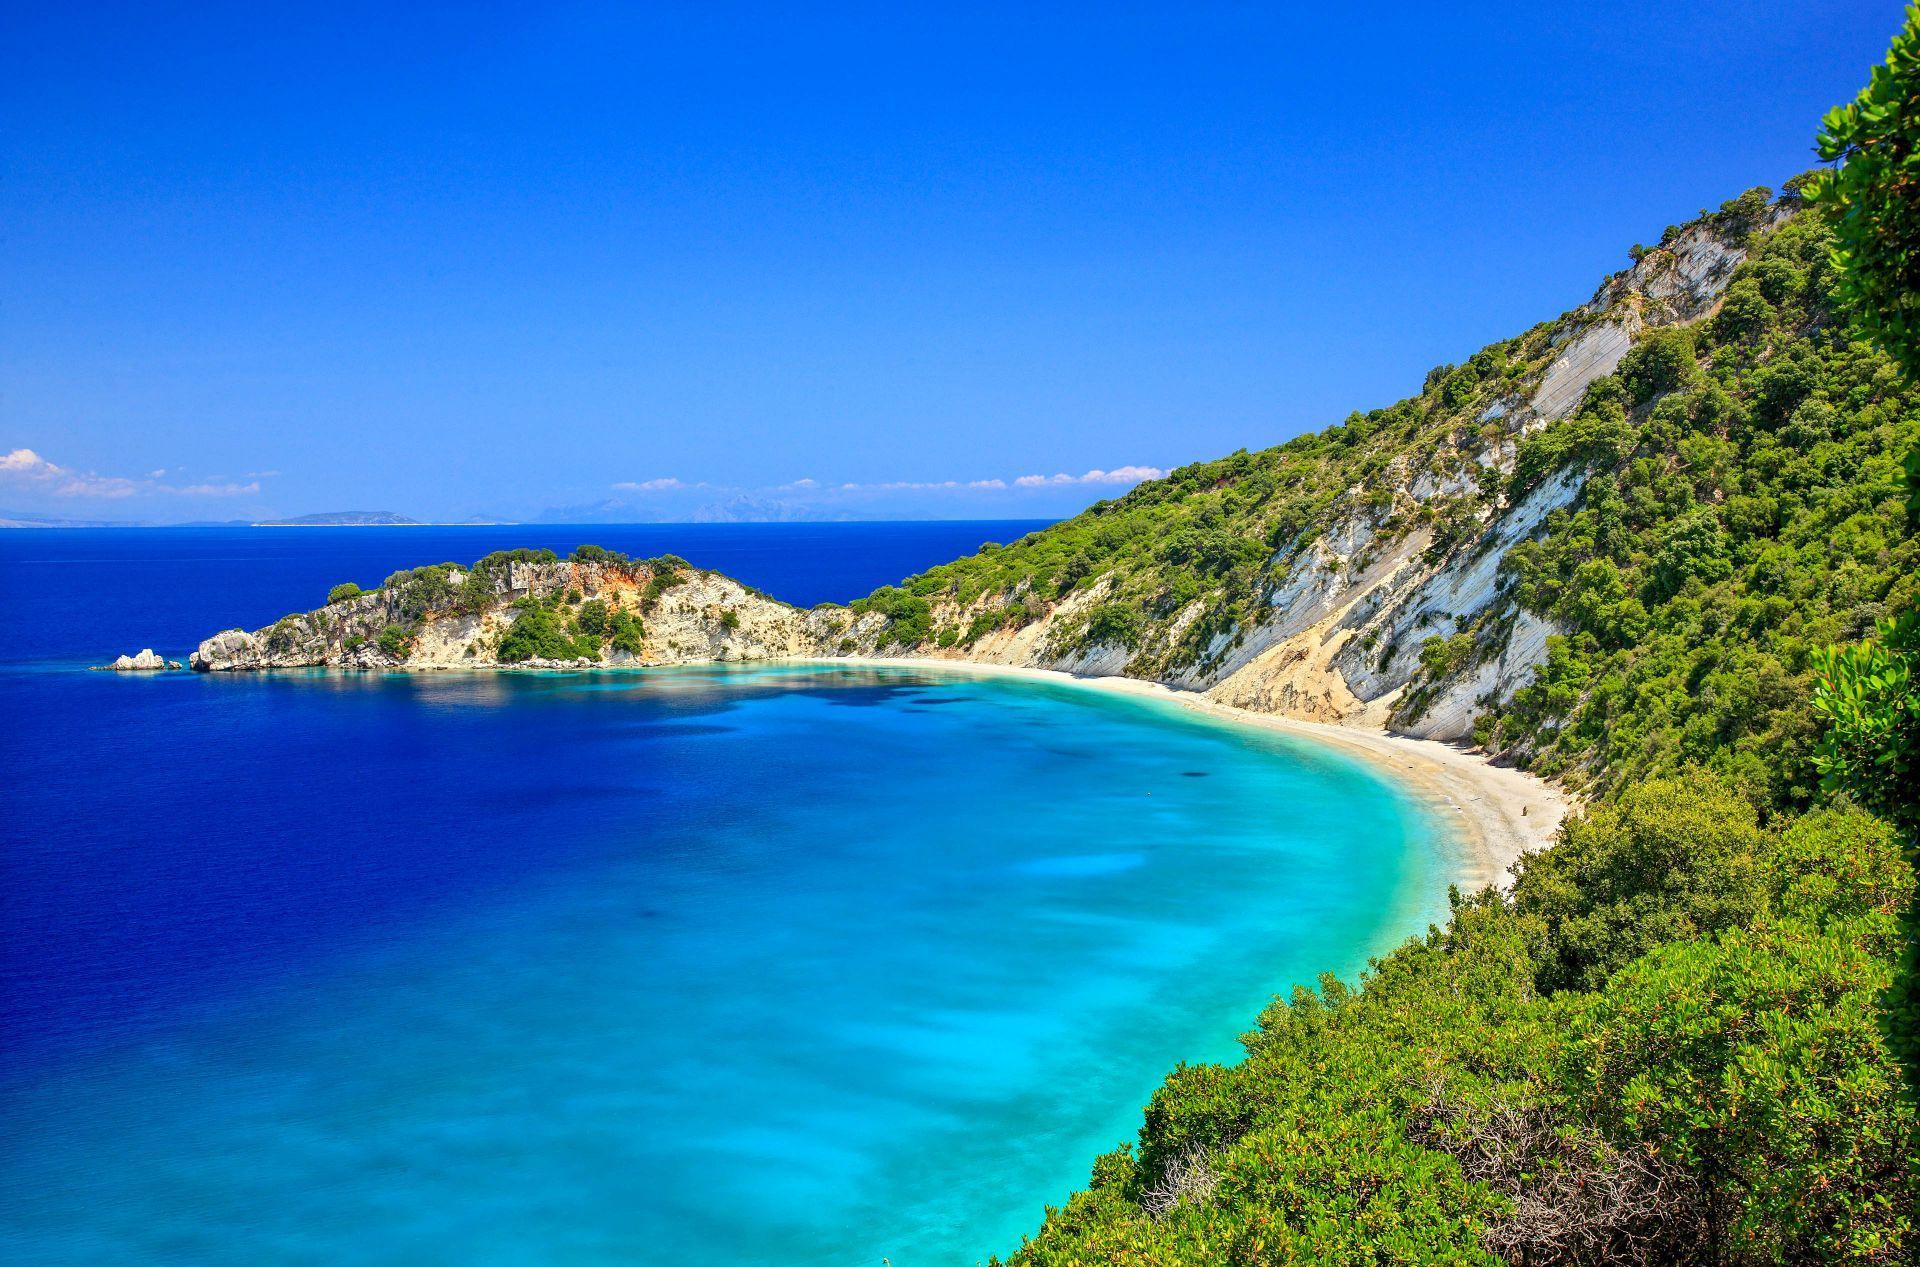 Ithaca island: Gidaki beach